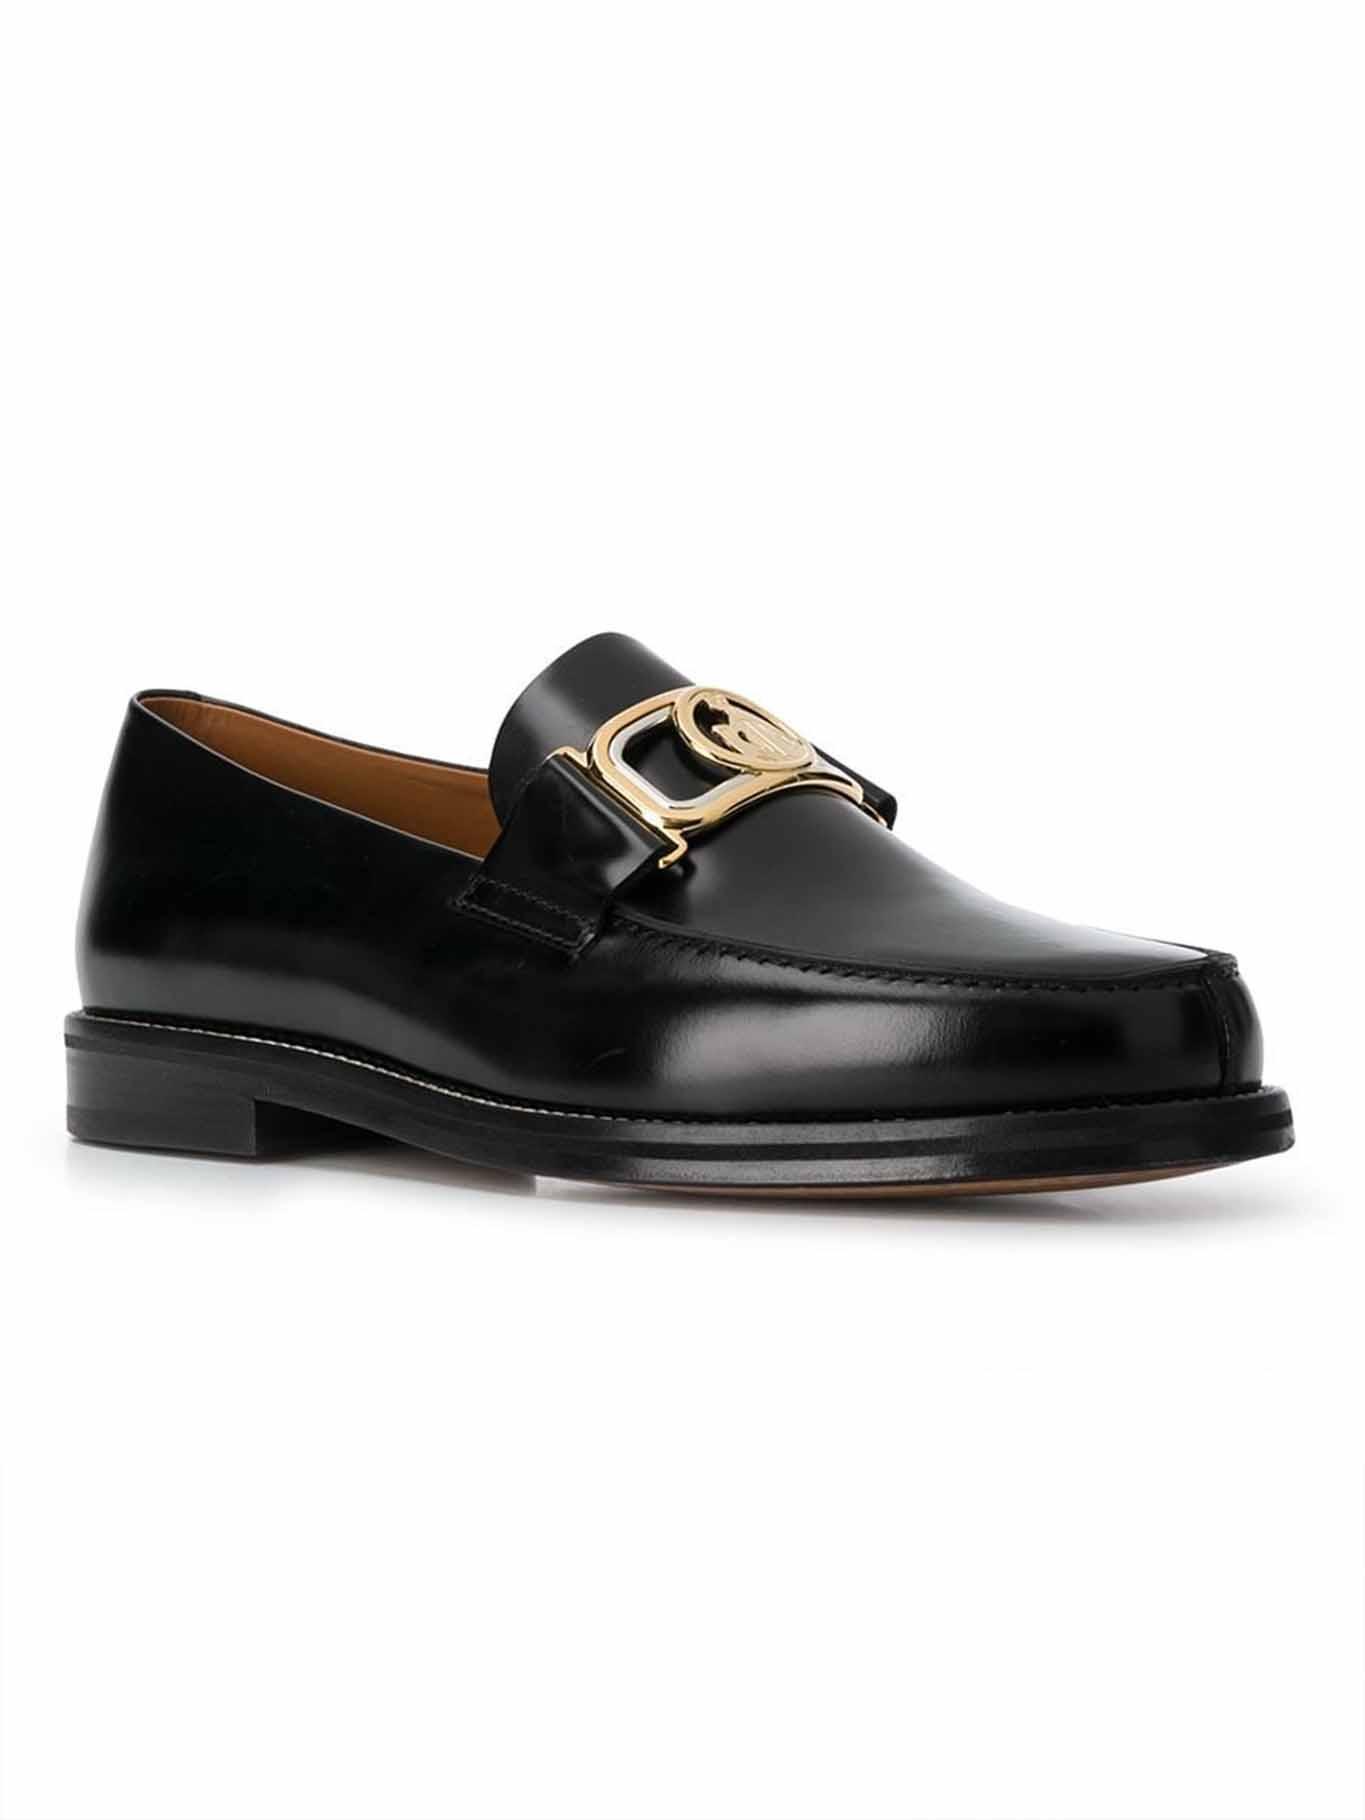 Menswear Essentials: Trend-Teile für den Frühling - Loafers